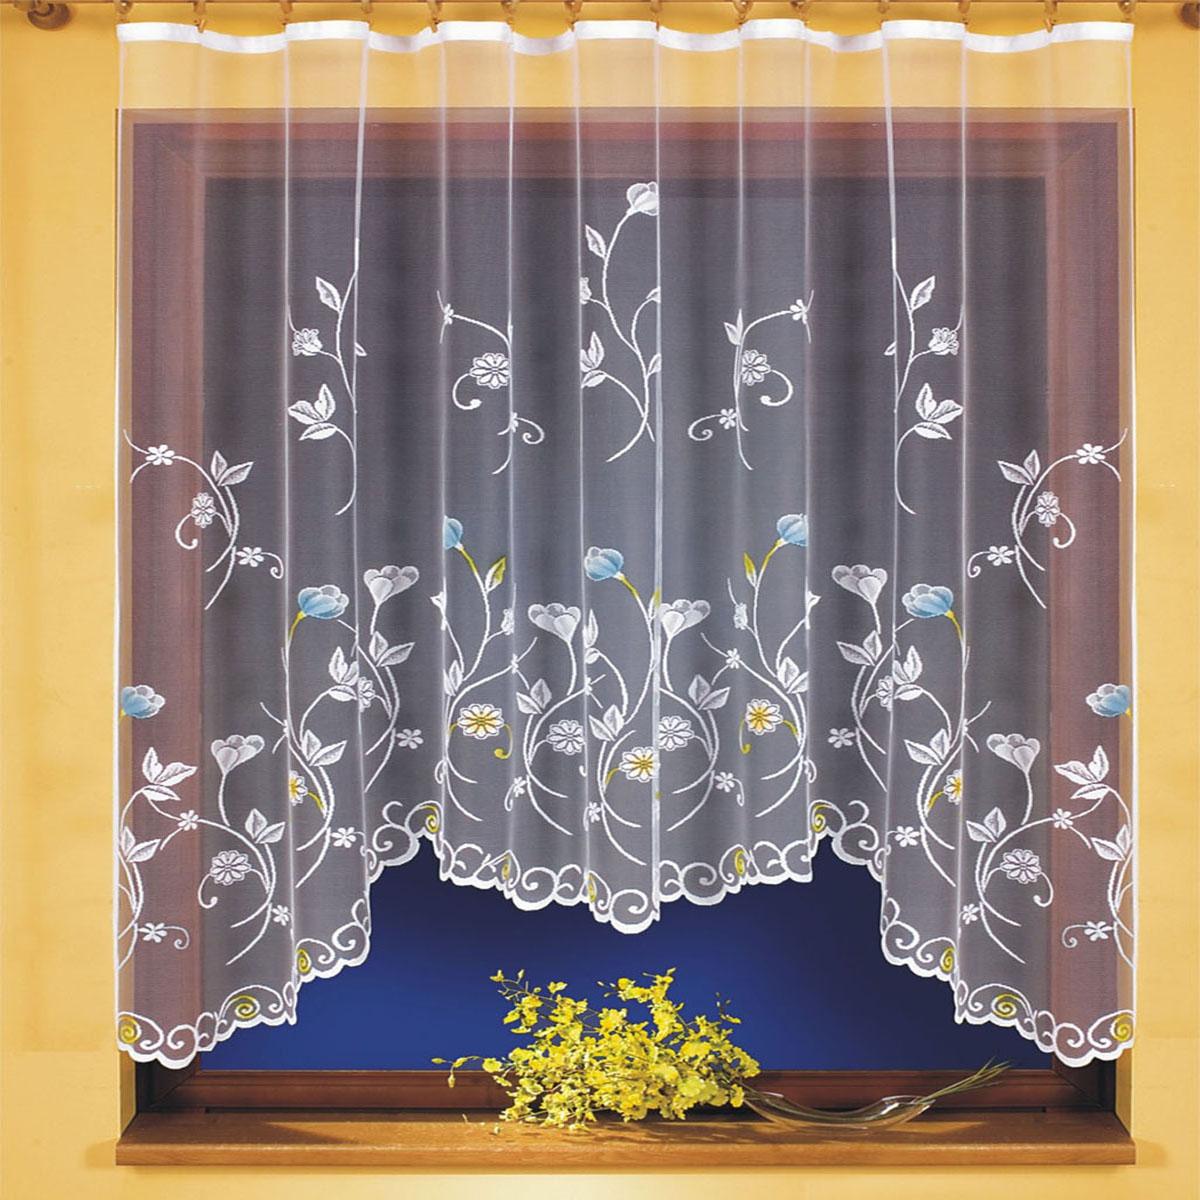 Штора для кухни Wisan, цвет: белый, высота 160 см. 96989698Штора Wisan, выполненная из легкого полупрозрачного полиэстера белого цвета, станет великолепным украшением кухонного окна. Изделие имеет ассиметричную длину и красивый цветочный орнамент по всей поверхности полотна.Качественный материал и оригинальный дизайн привлекут к себе внимание и позволят шторе органично вписаться в интерьер помещения.